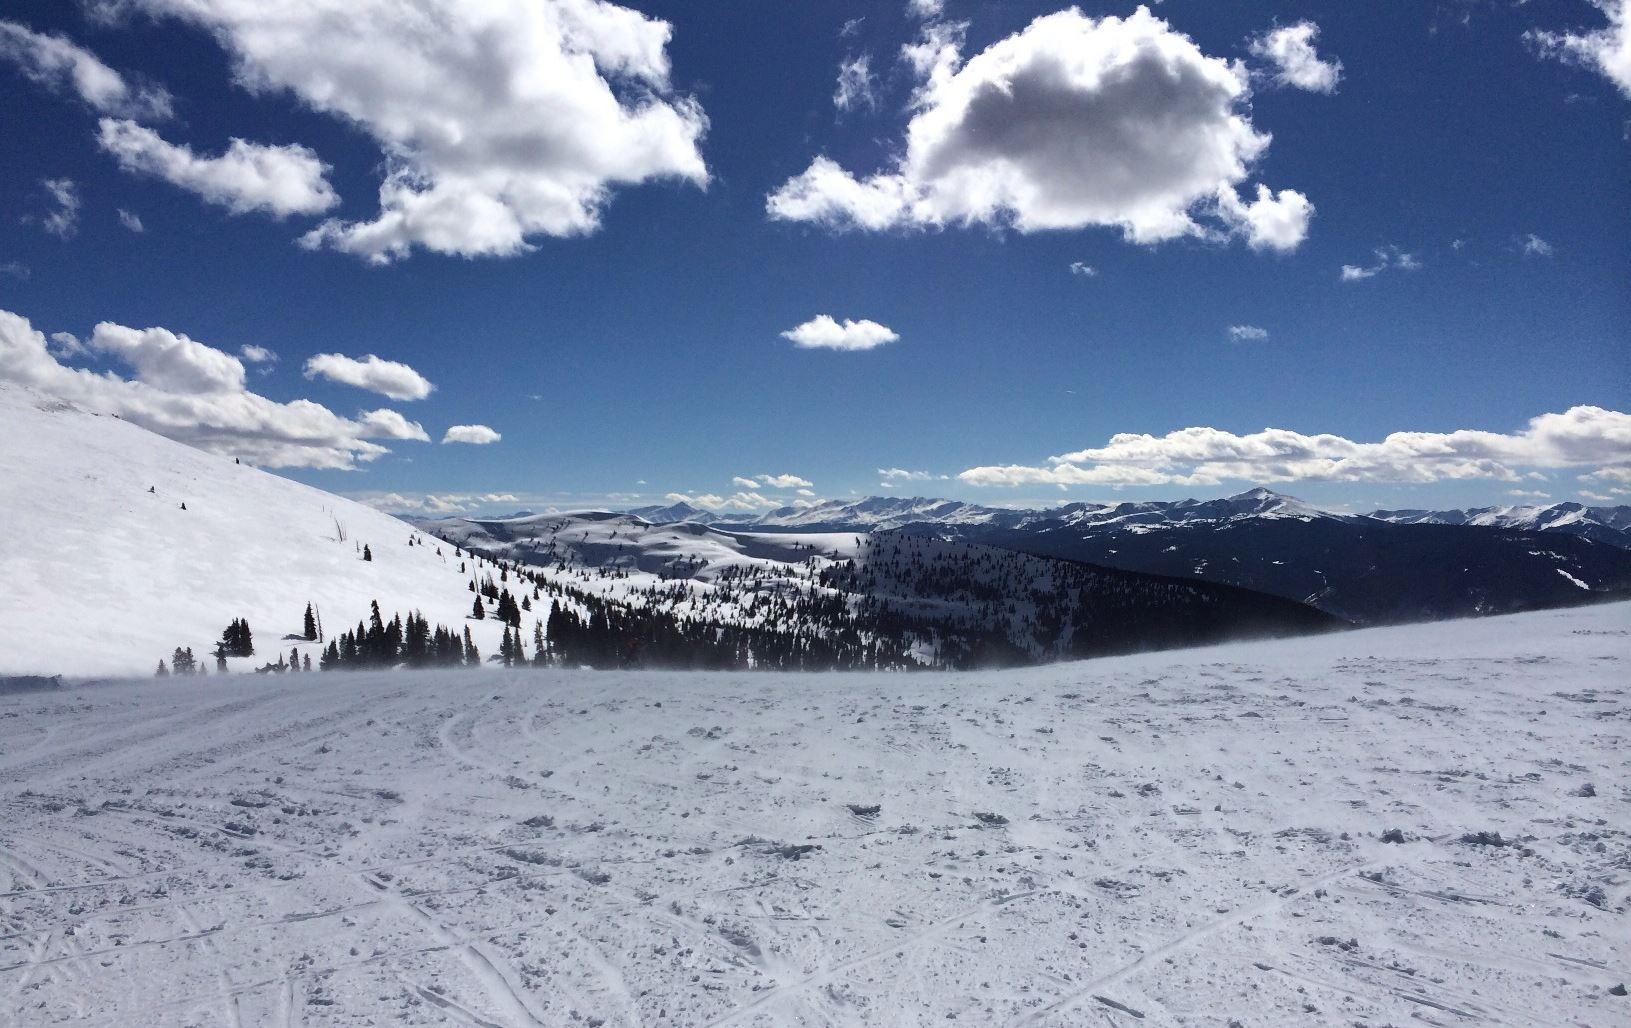 TUI, Reisebüro, World of TUI, USA, Beaver Creek, Amerika, Vail, Colorado, Rocky Mountains, Skireise, Winterurlaub, Snowboard